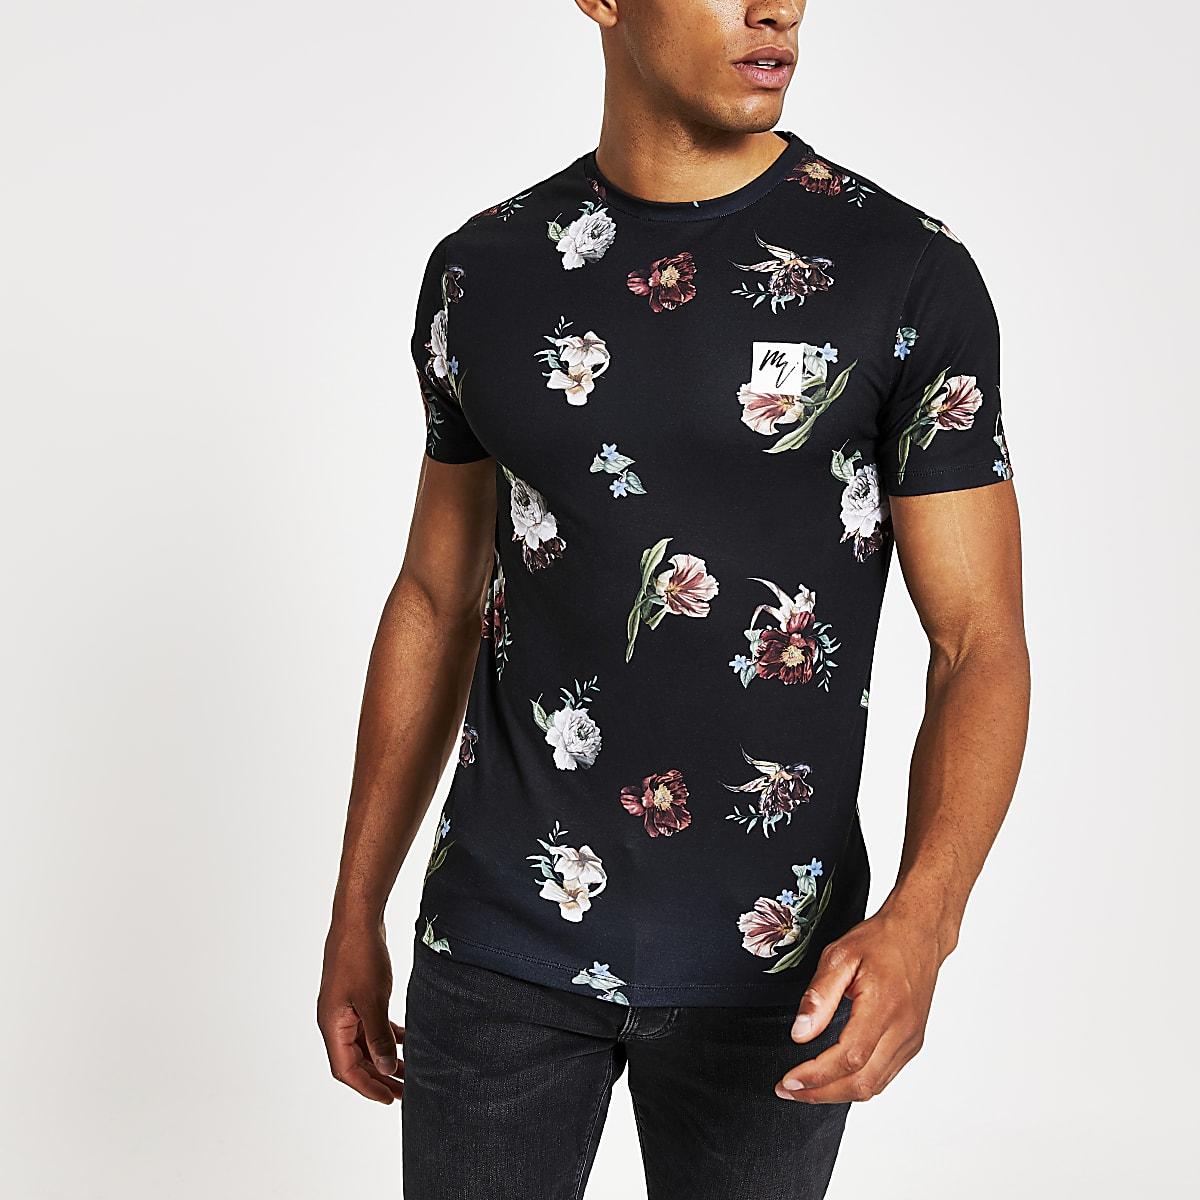 Black floral 'Maison Riviera' muscle T-shirt